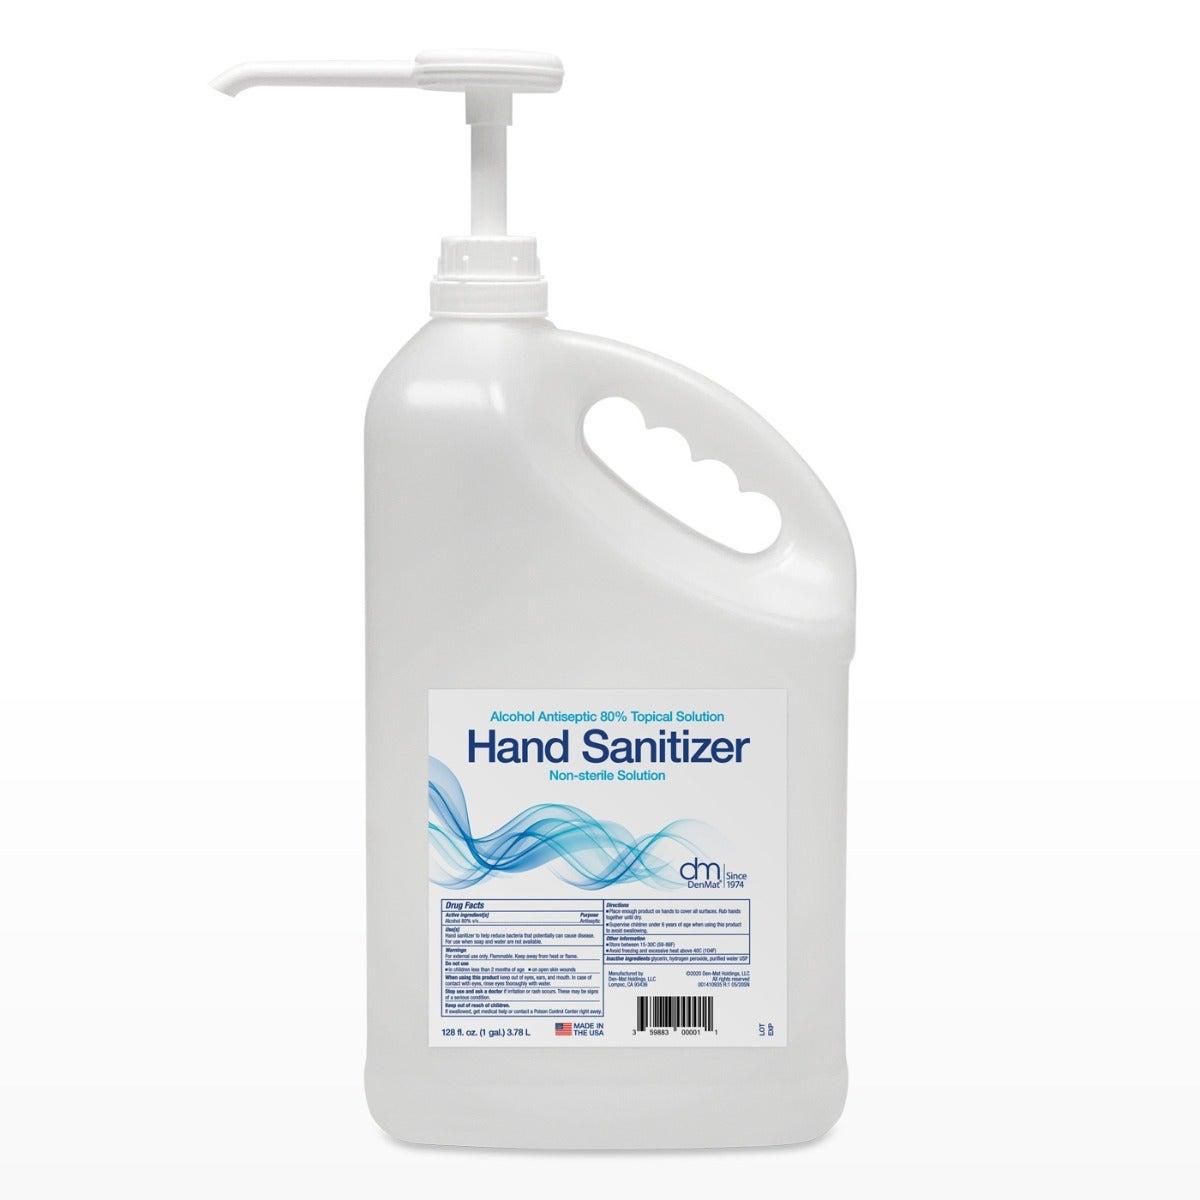 Liquid Hand Sanitizer Denatured Alcohol Antiseptic 80% Solution 128oz